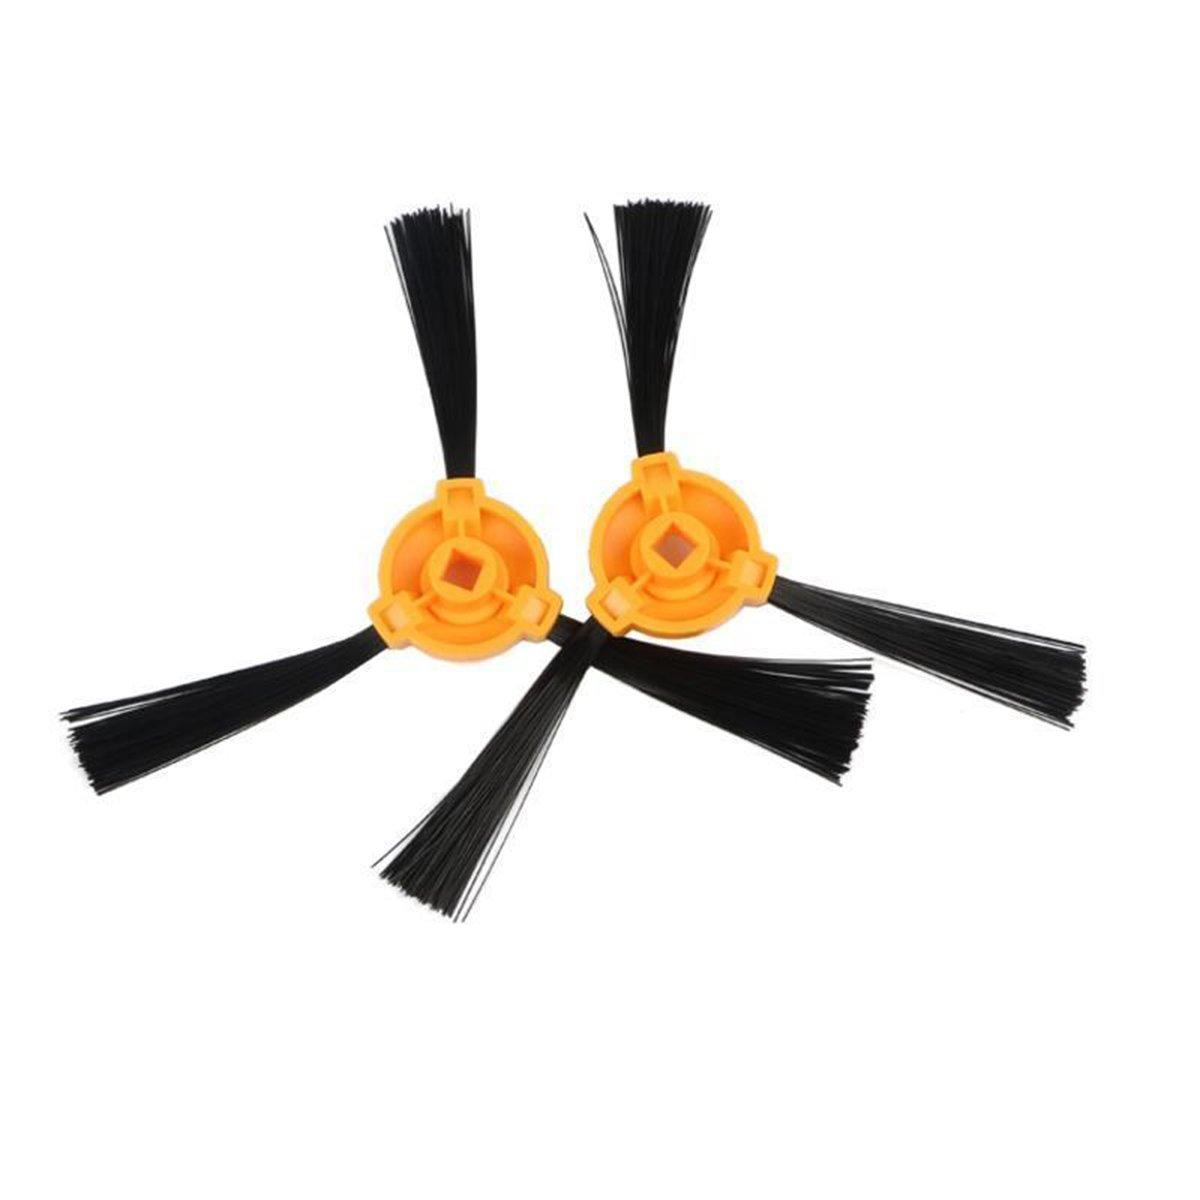 TeKeHom 2 Pares Cepillo lateral 5 * Hepa 5 * Mopa 10 * Pasta m/ágica para Conga Excelencia 5 * Esponja